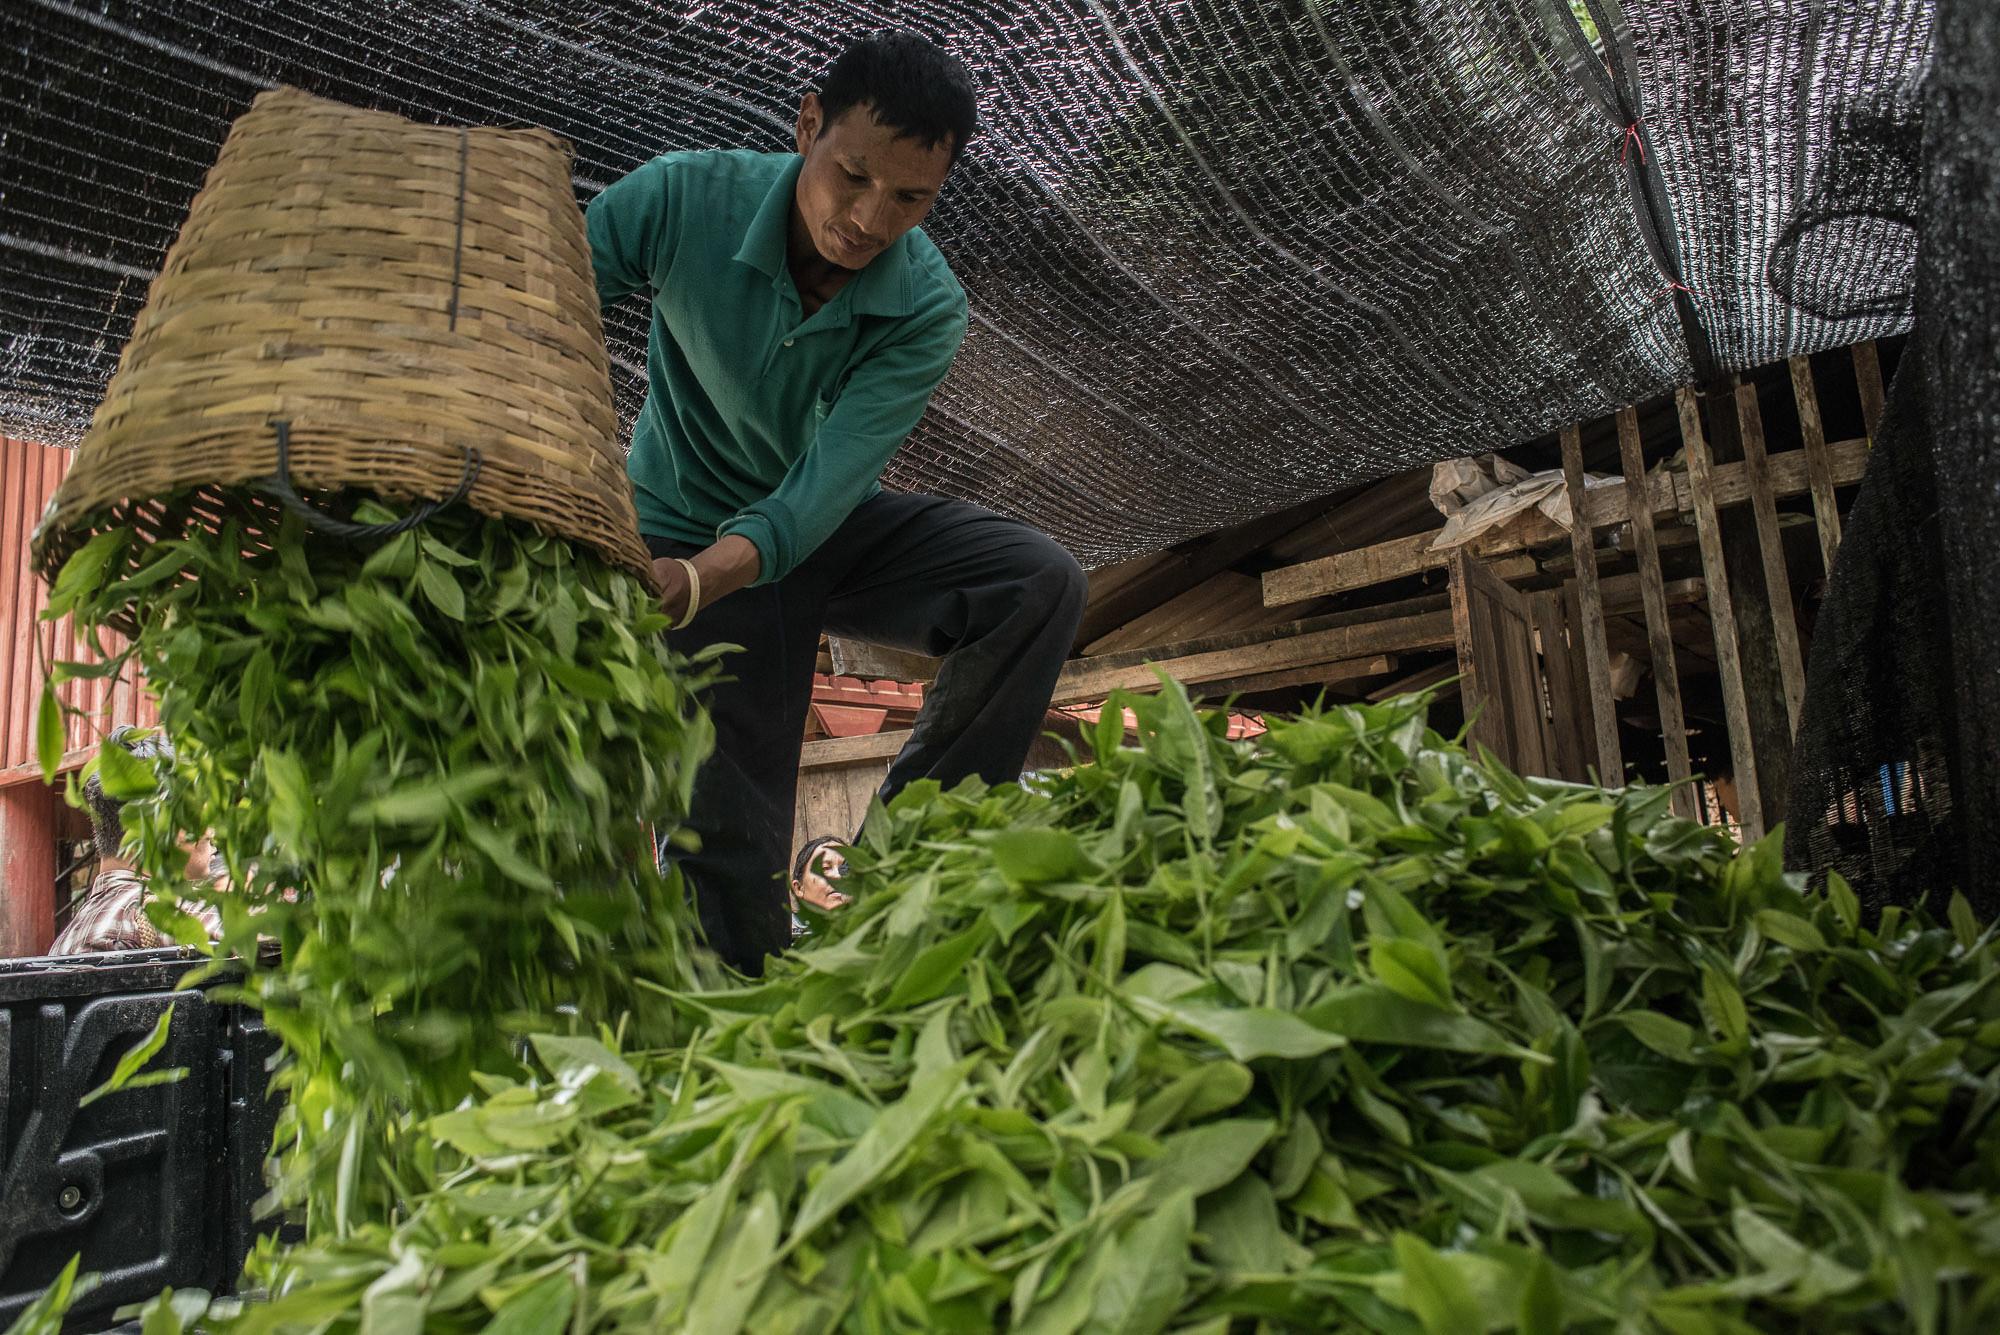 ชาวบ้านหินลาดใน นำใบชาที่ปลูกในหมูบ้านมาขายให้กำพ่อค้าคนกลางที่เข้ามารับซื้อในหมู่บ้าน ทั้งนี้รายได้จากการขายผลผลิตท้องถิ่นส่วนหนึ่งจะถูกนำไปใช้ในกองทุนดับไฟป่าของชุมชน (ที่มา: ยศธร ไตรยศ)